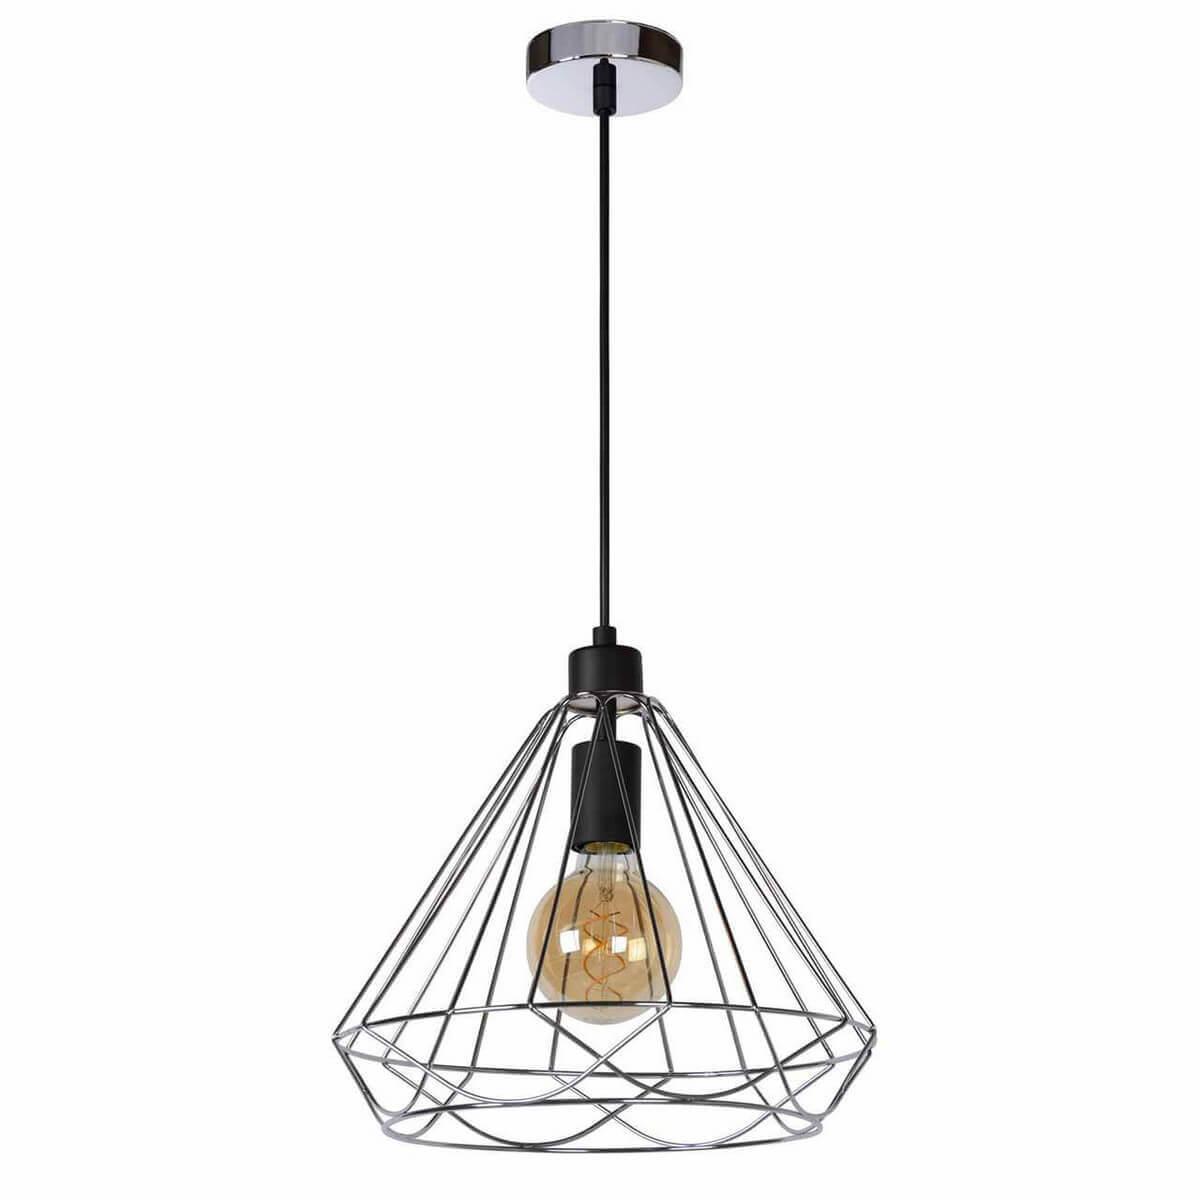 Подвесной светильник Lucide Kyara 78385/32/11 подвесной светильник lucide kyara 78385 32 30